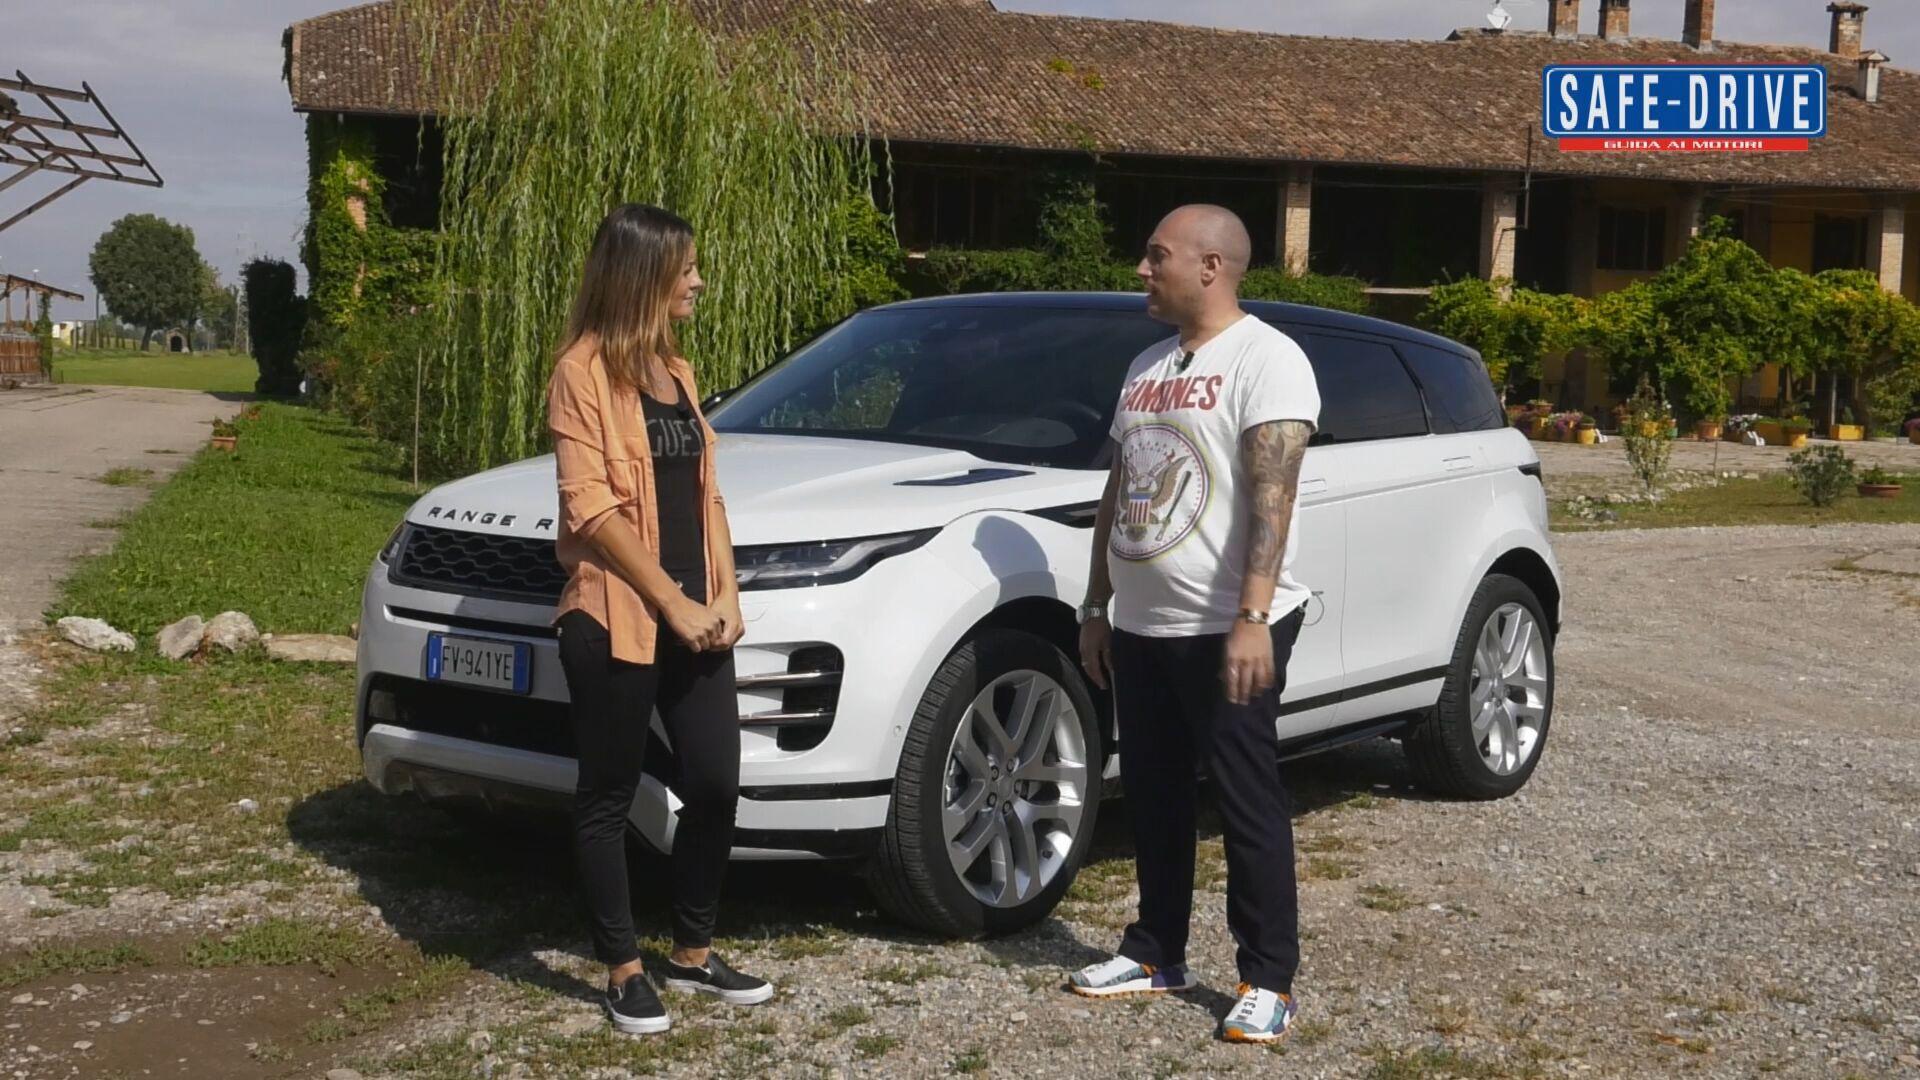 Nuova Range Rover Evoque: ecco la prova su strada di Riccardo – Test Drive